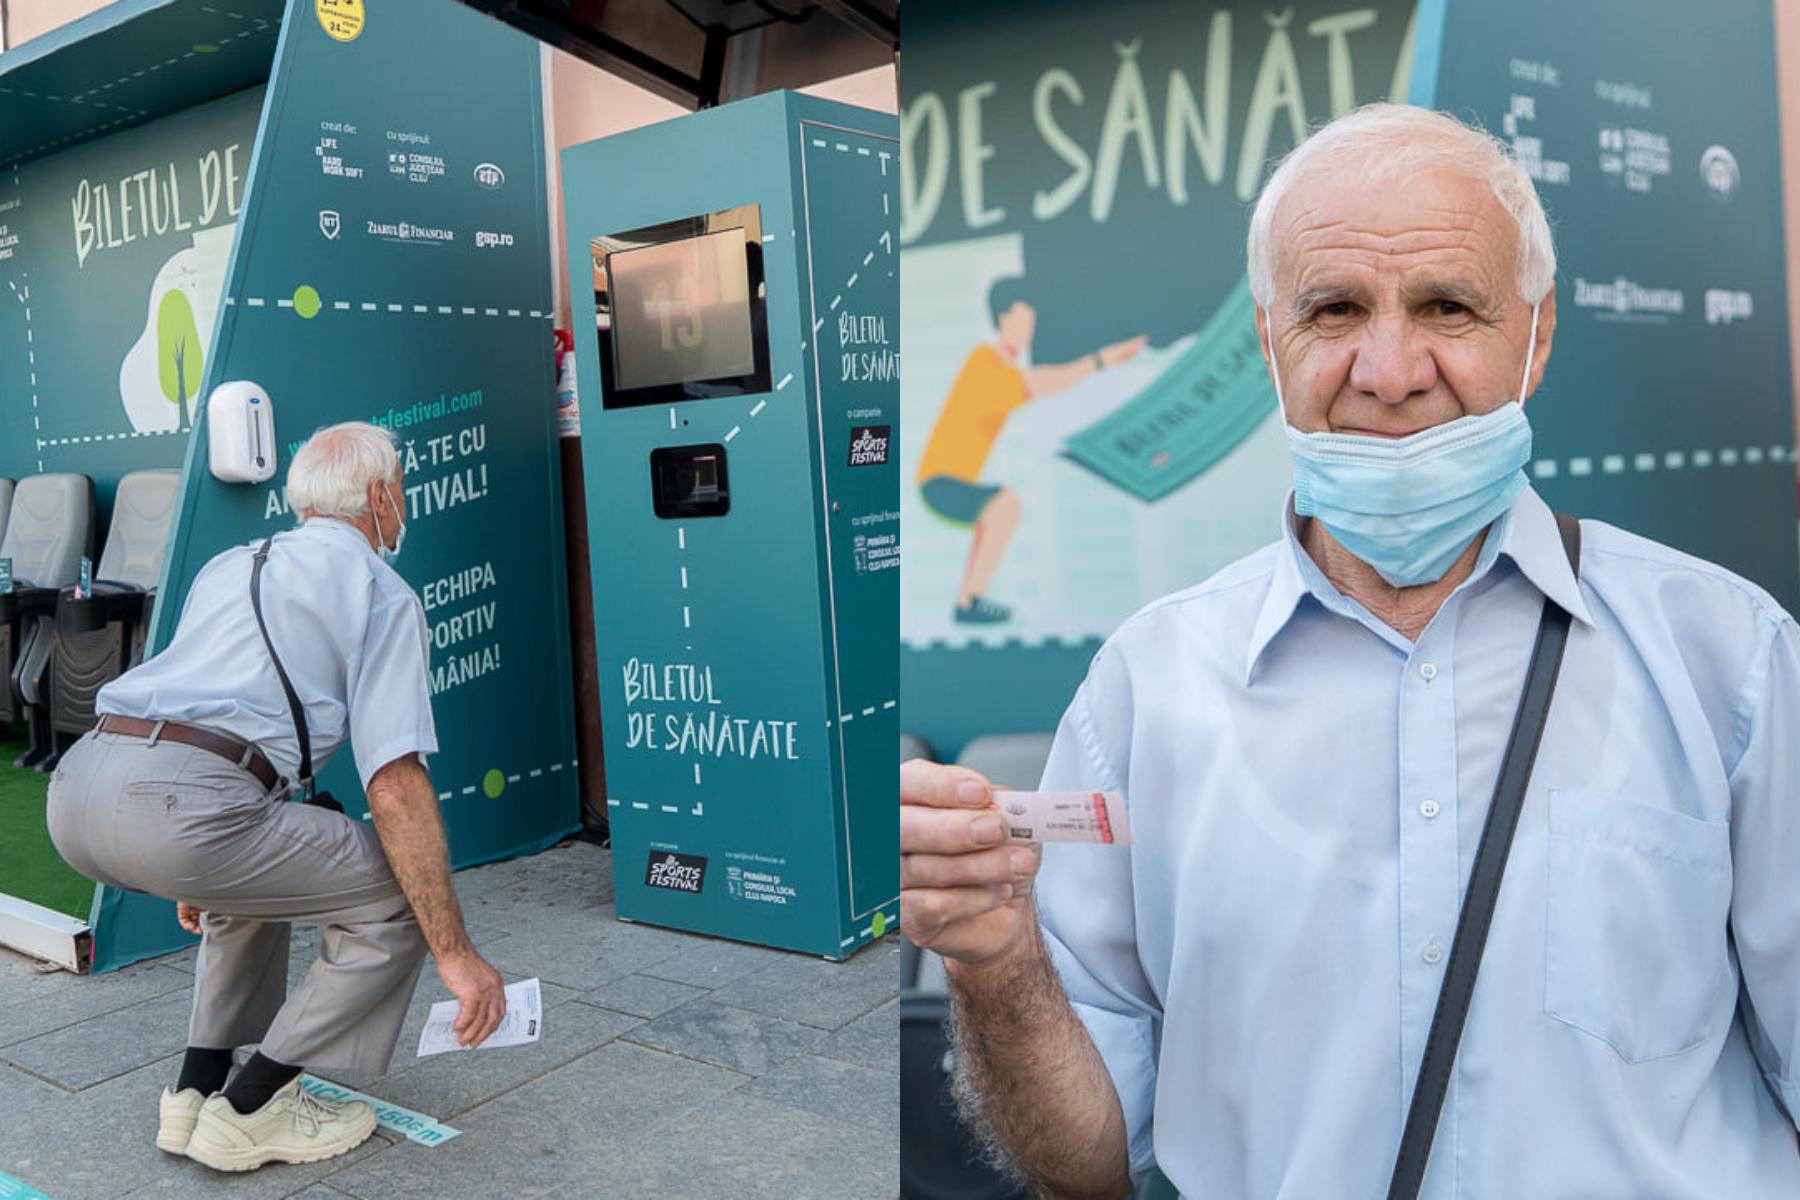 В румынском городе предложили бесплатный проезд на автобусе за 20 приседаний